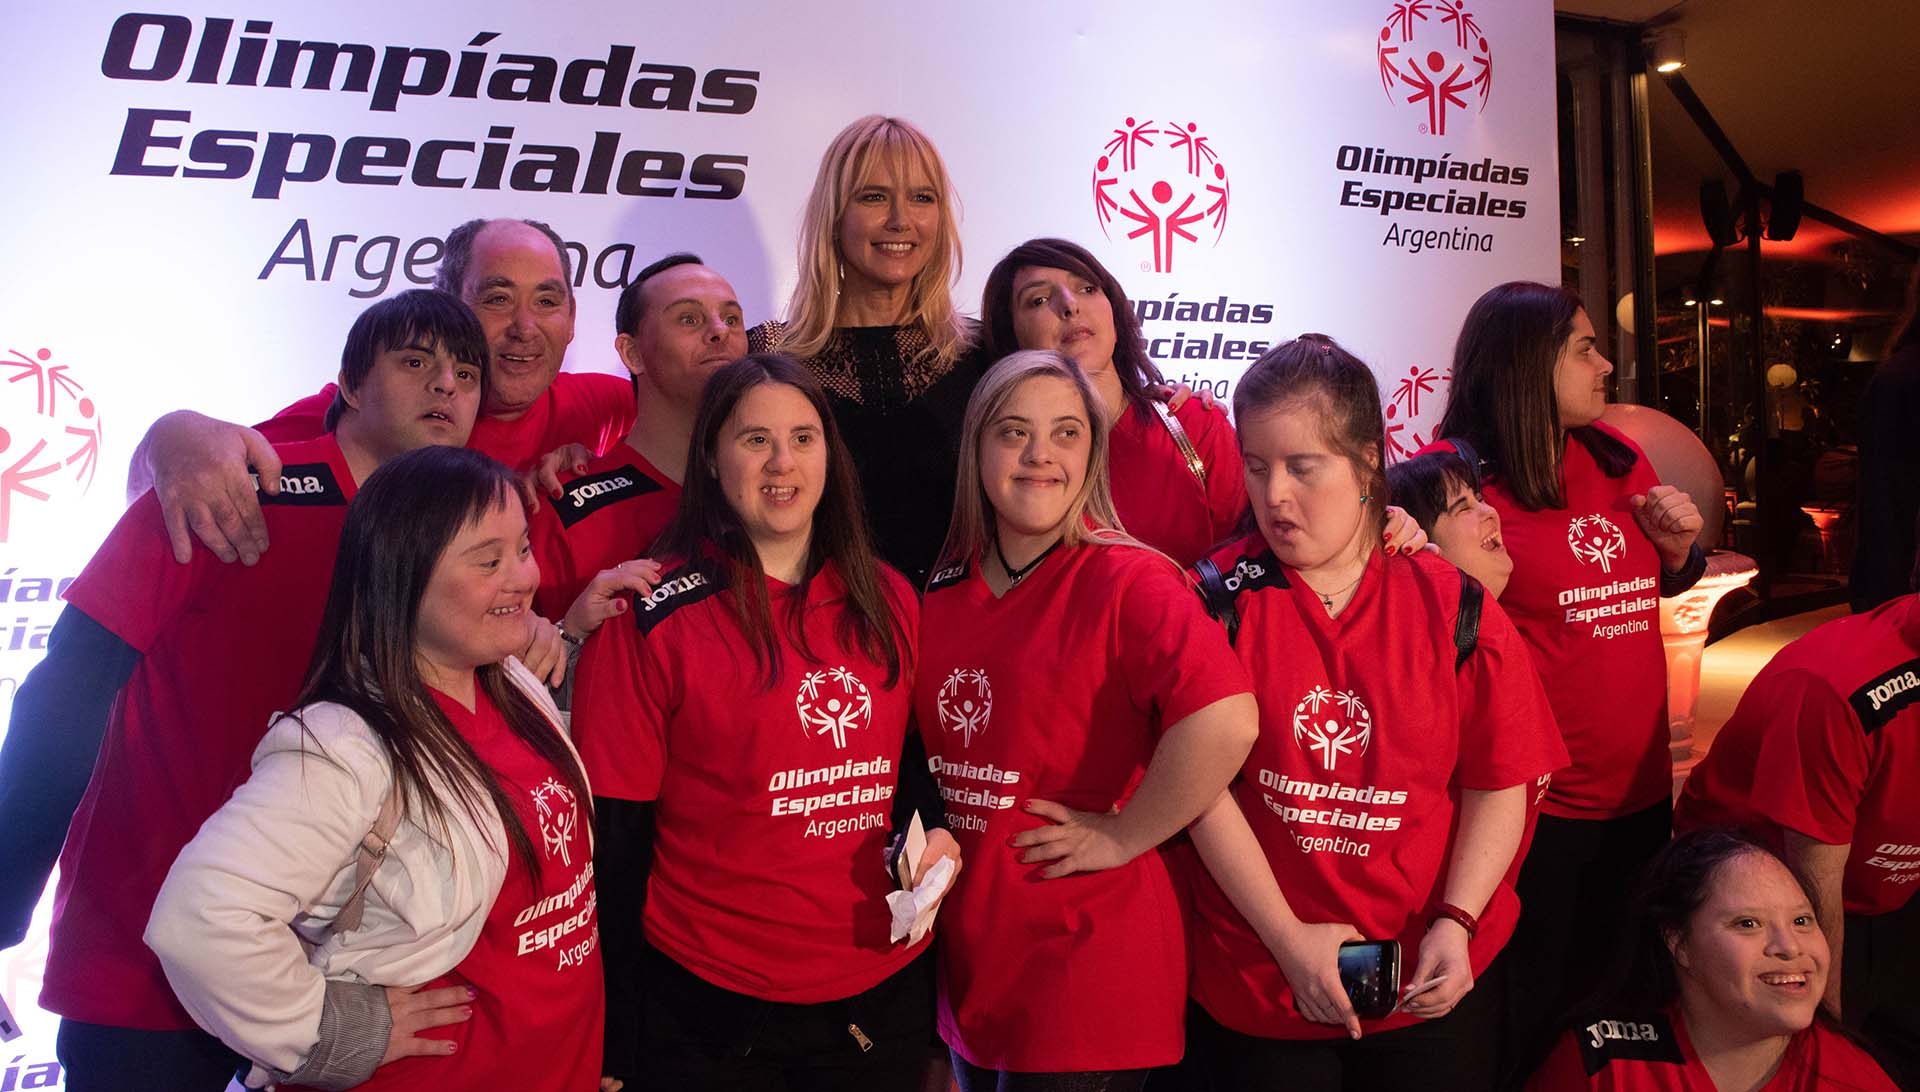 Valeria Mazza, madrina de las Olimpiadas Especiales Argentina (OEA) junto a algunos de los integrantes de la OEA en una noche emocionante